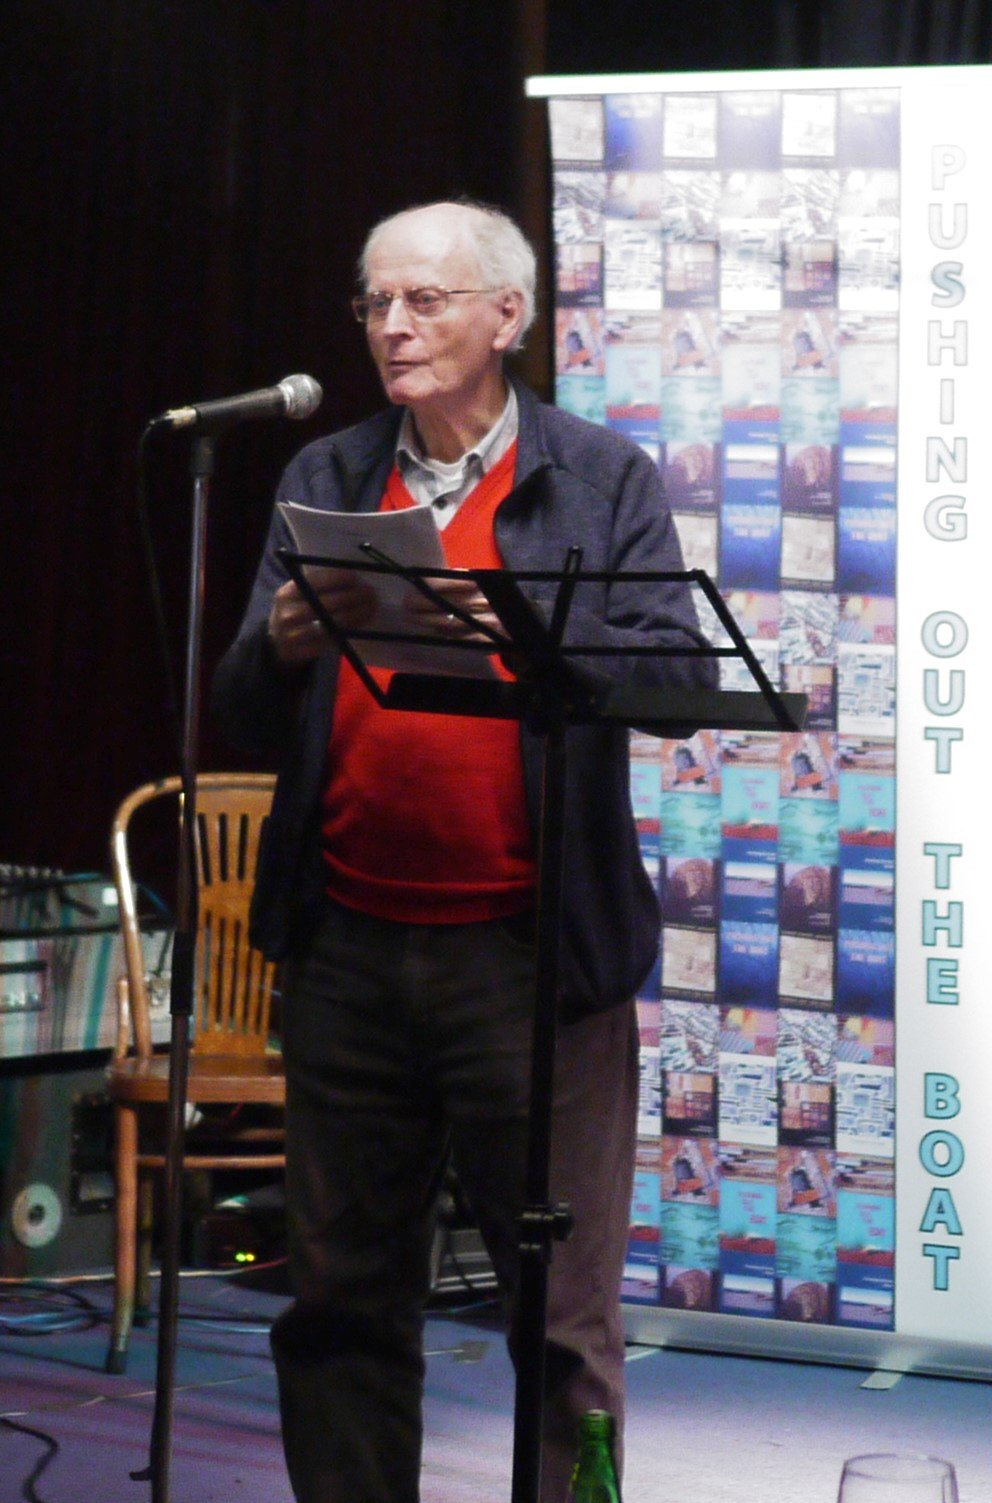 Gerard Rochford